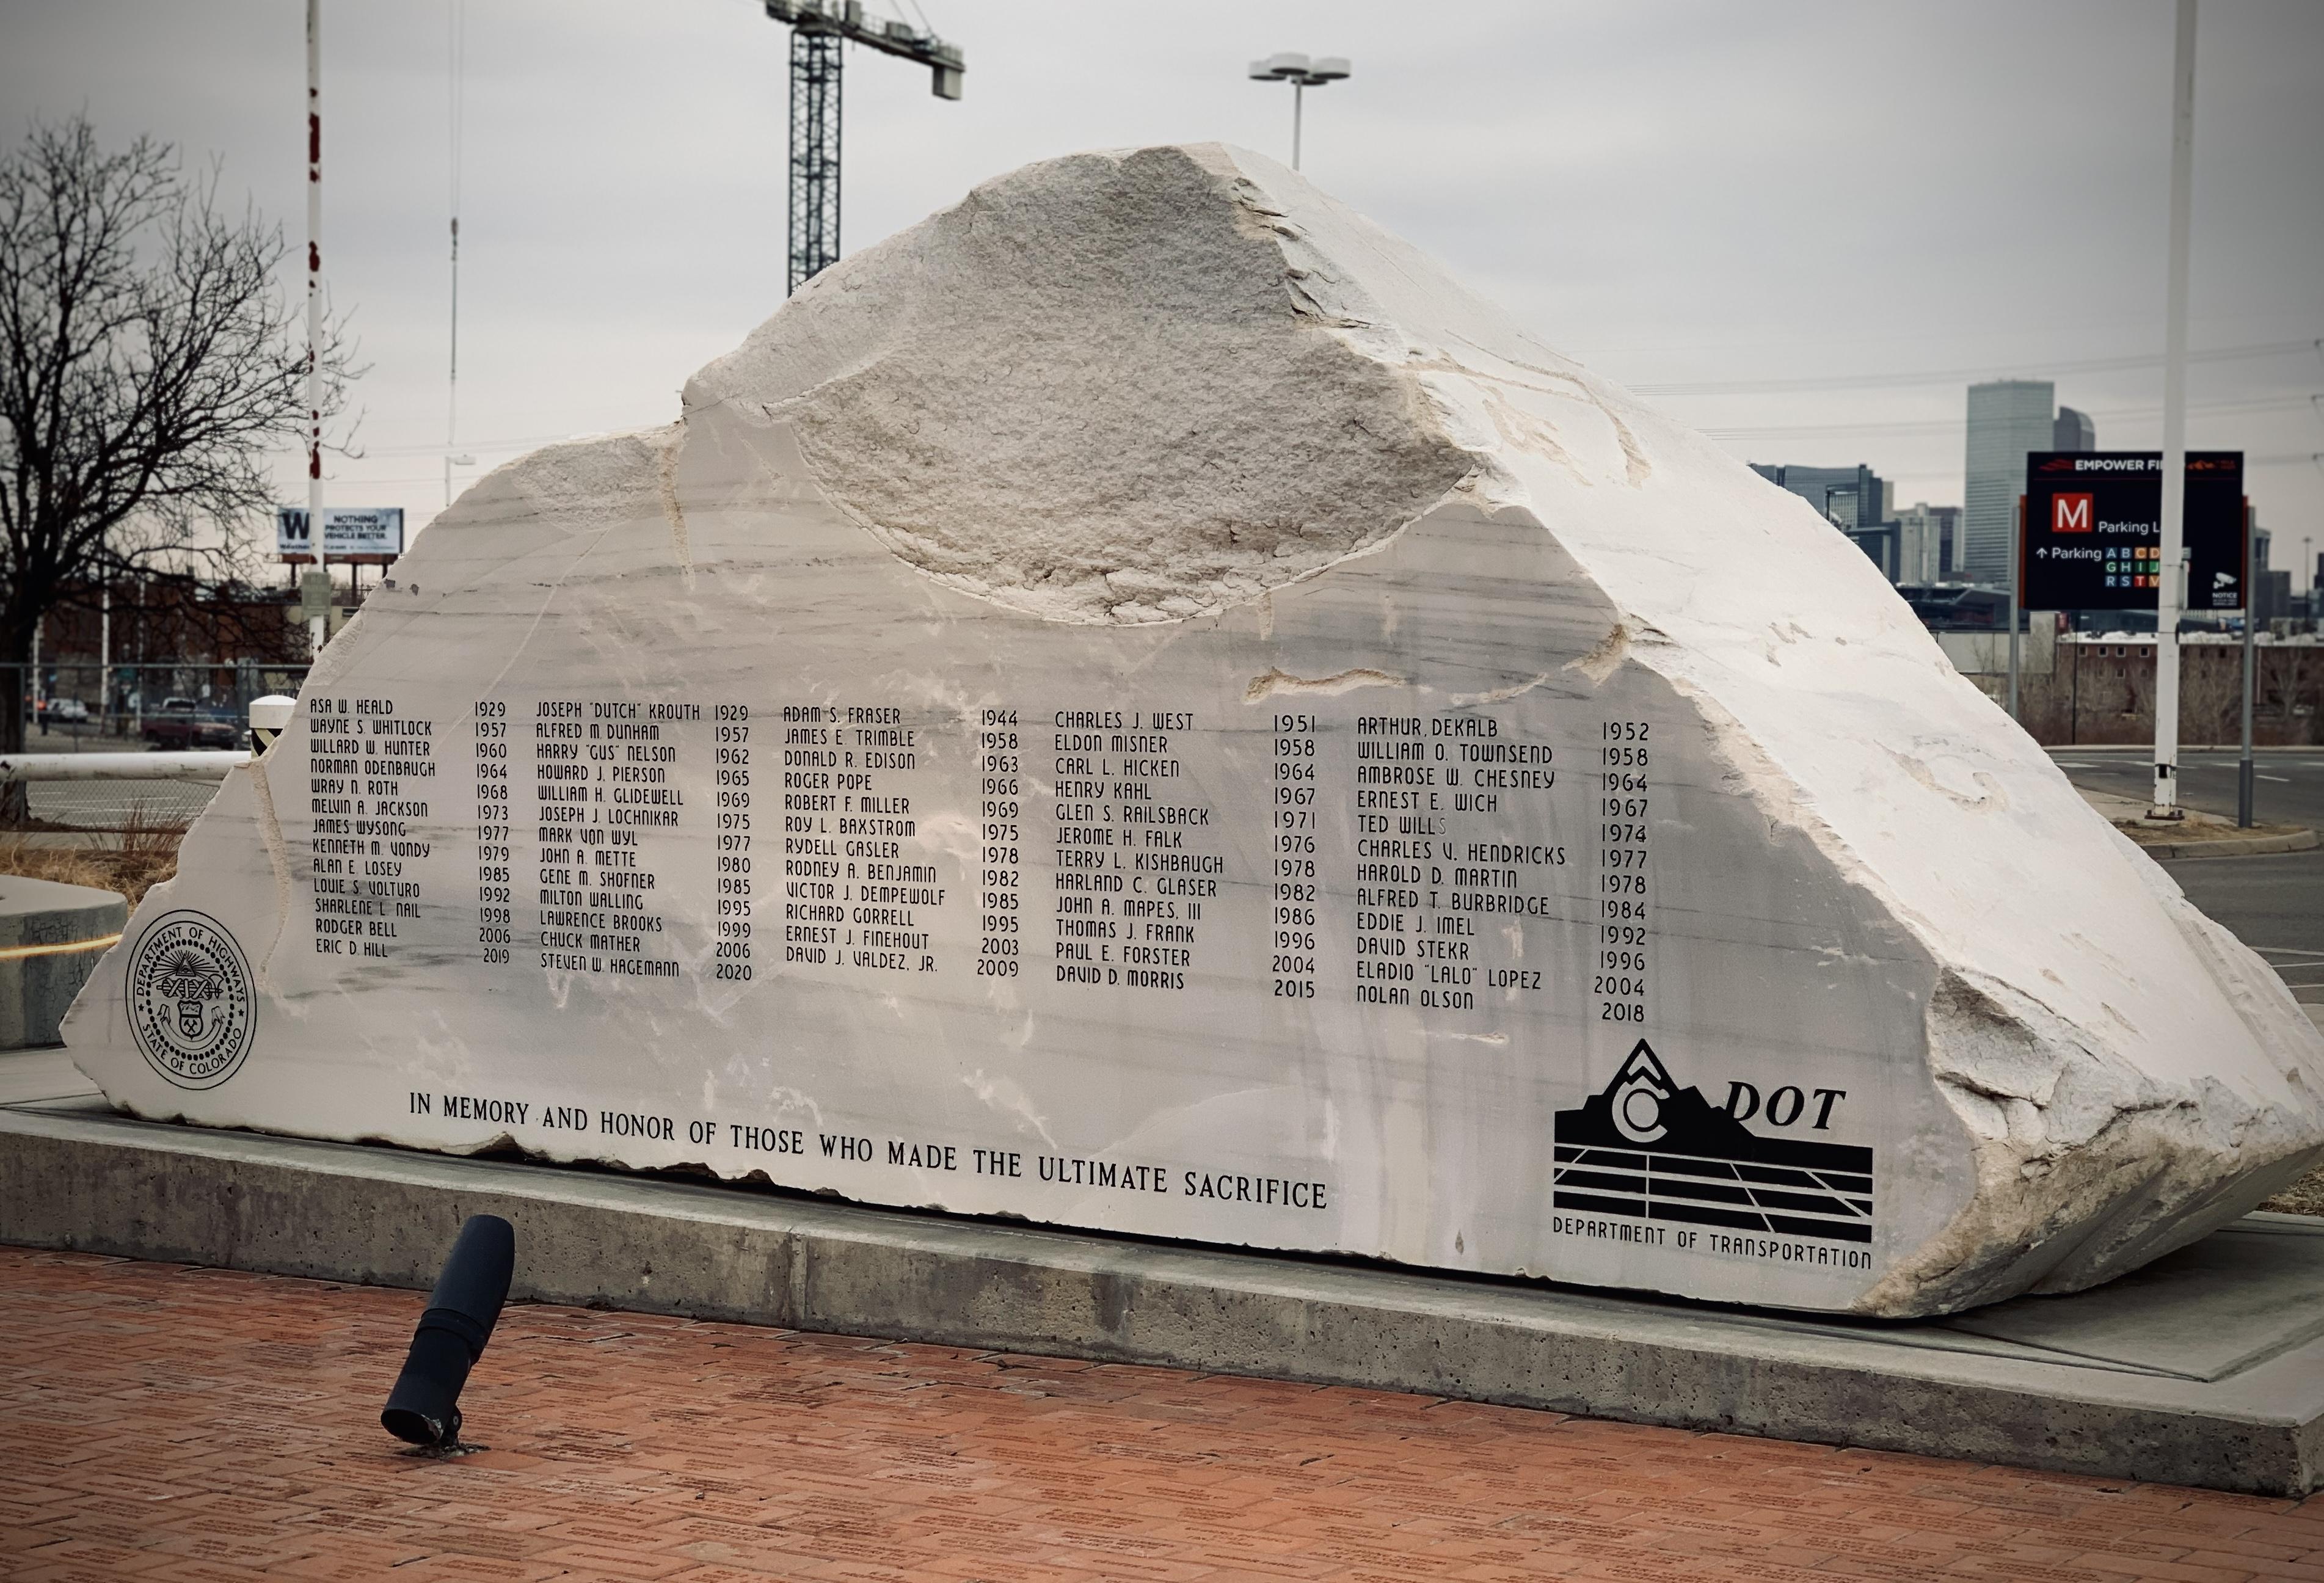 CDOT Memorial